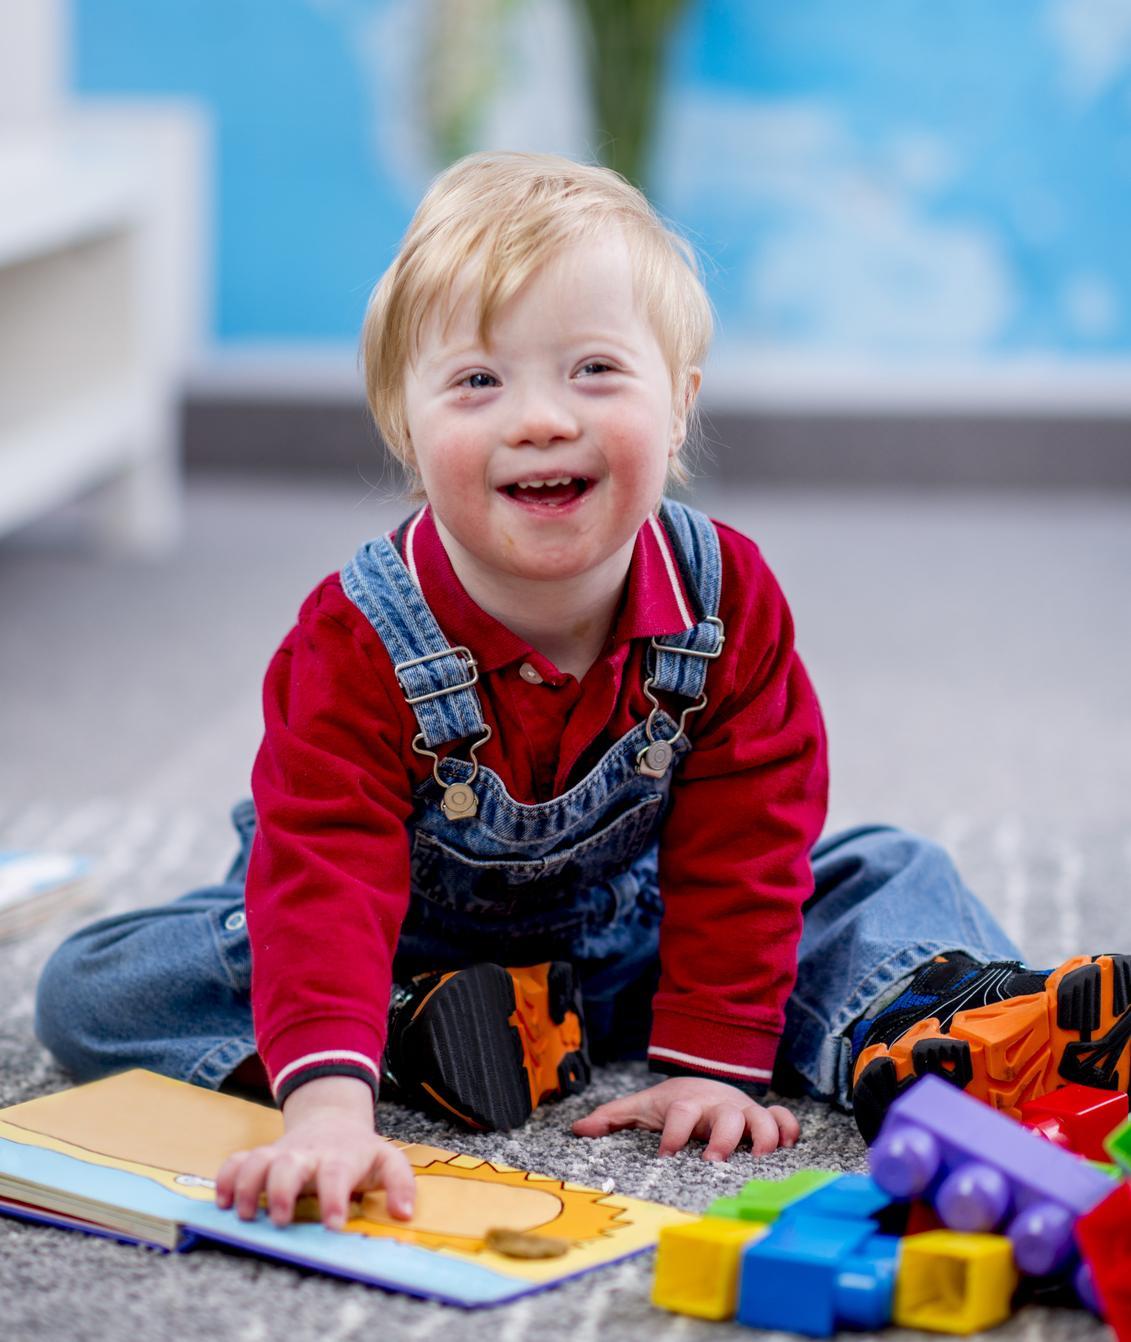 le point sur l 39 accueil des enfants en situations de handicap. Black Bedroom Furniture Sets. Home Design Ideas